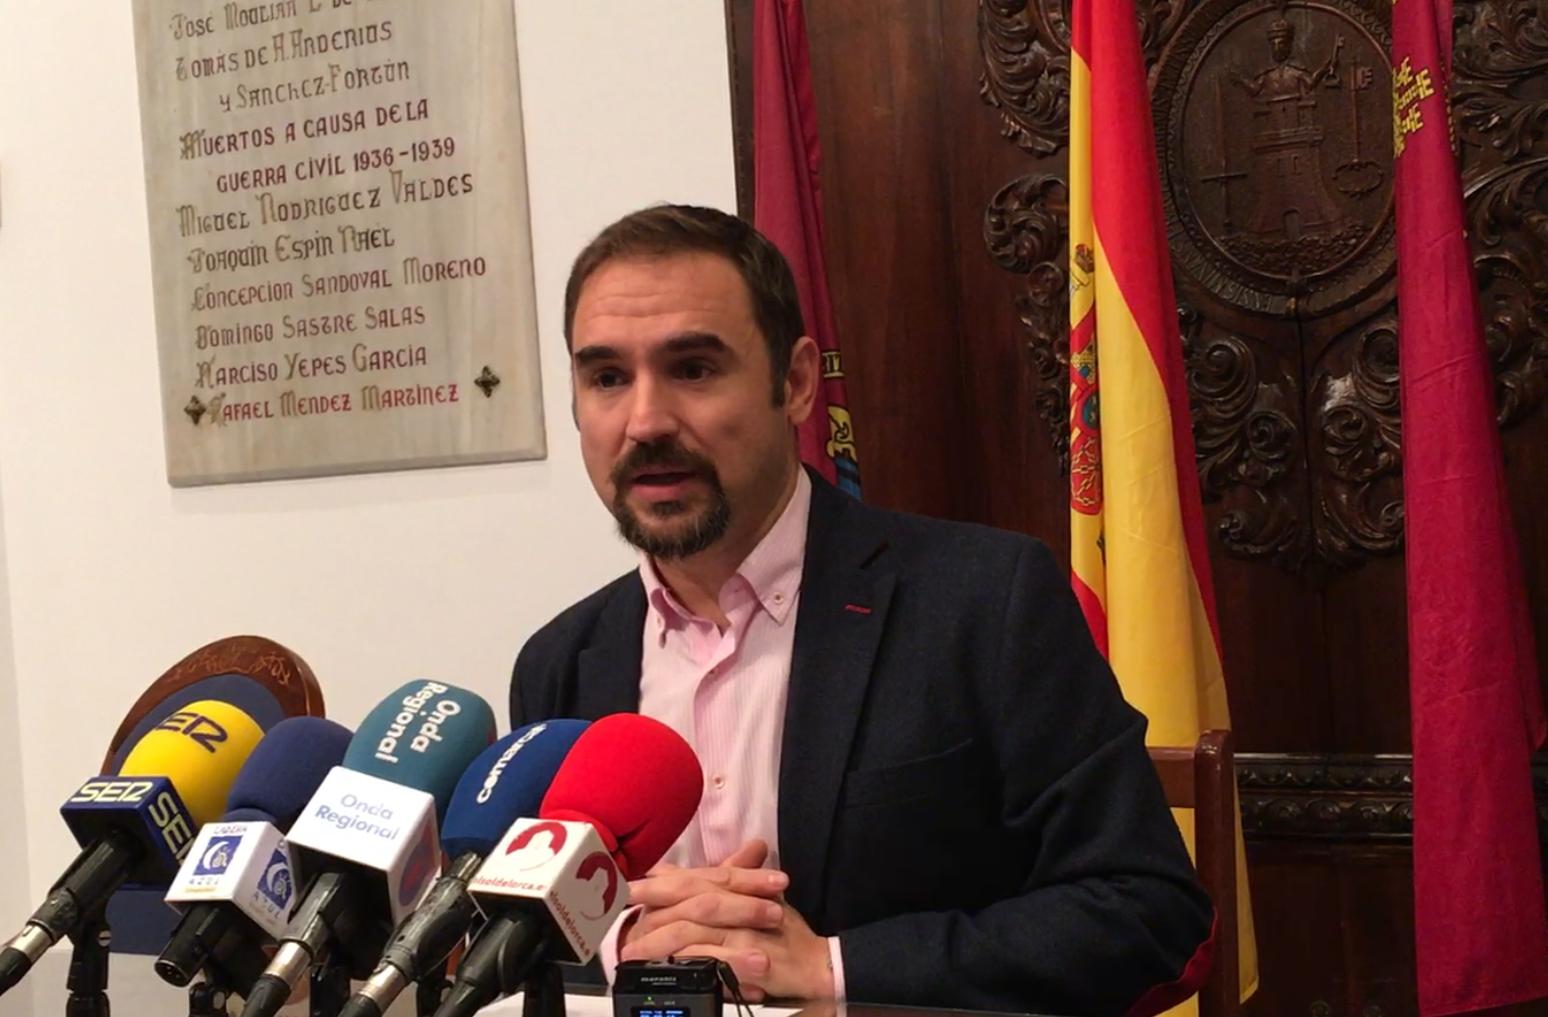 El Contencioso-Administrativo pone de manifiesto que el PP dio por acabadas las obras de La Viña sin que pasaran inspección técnica municipal